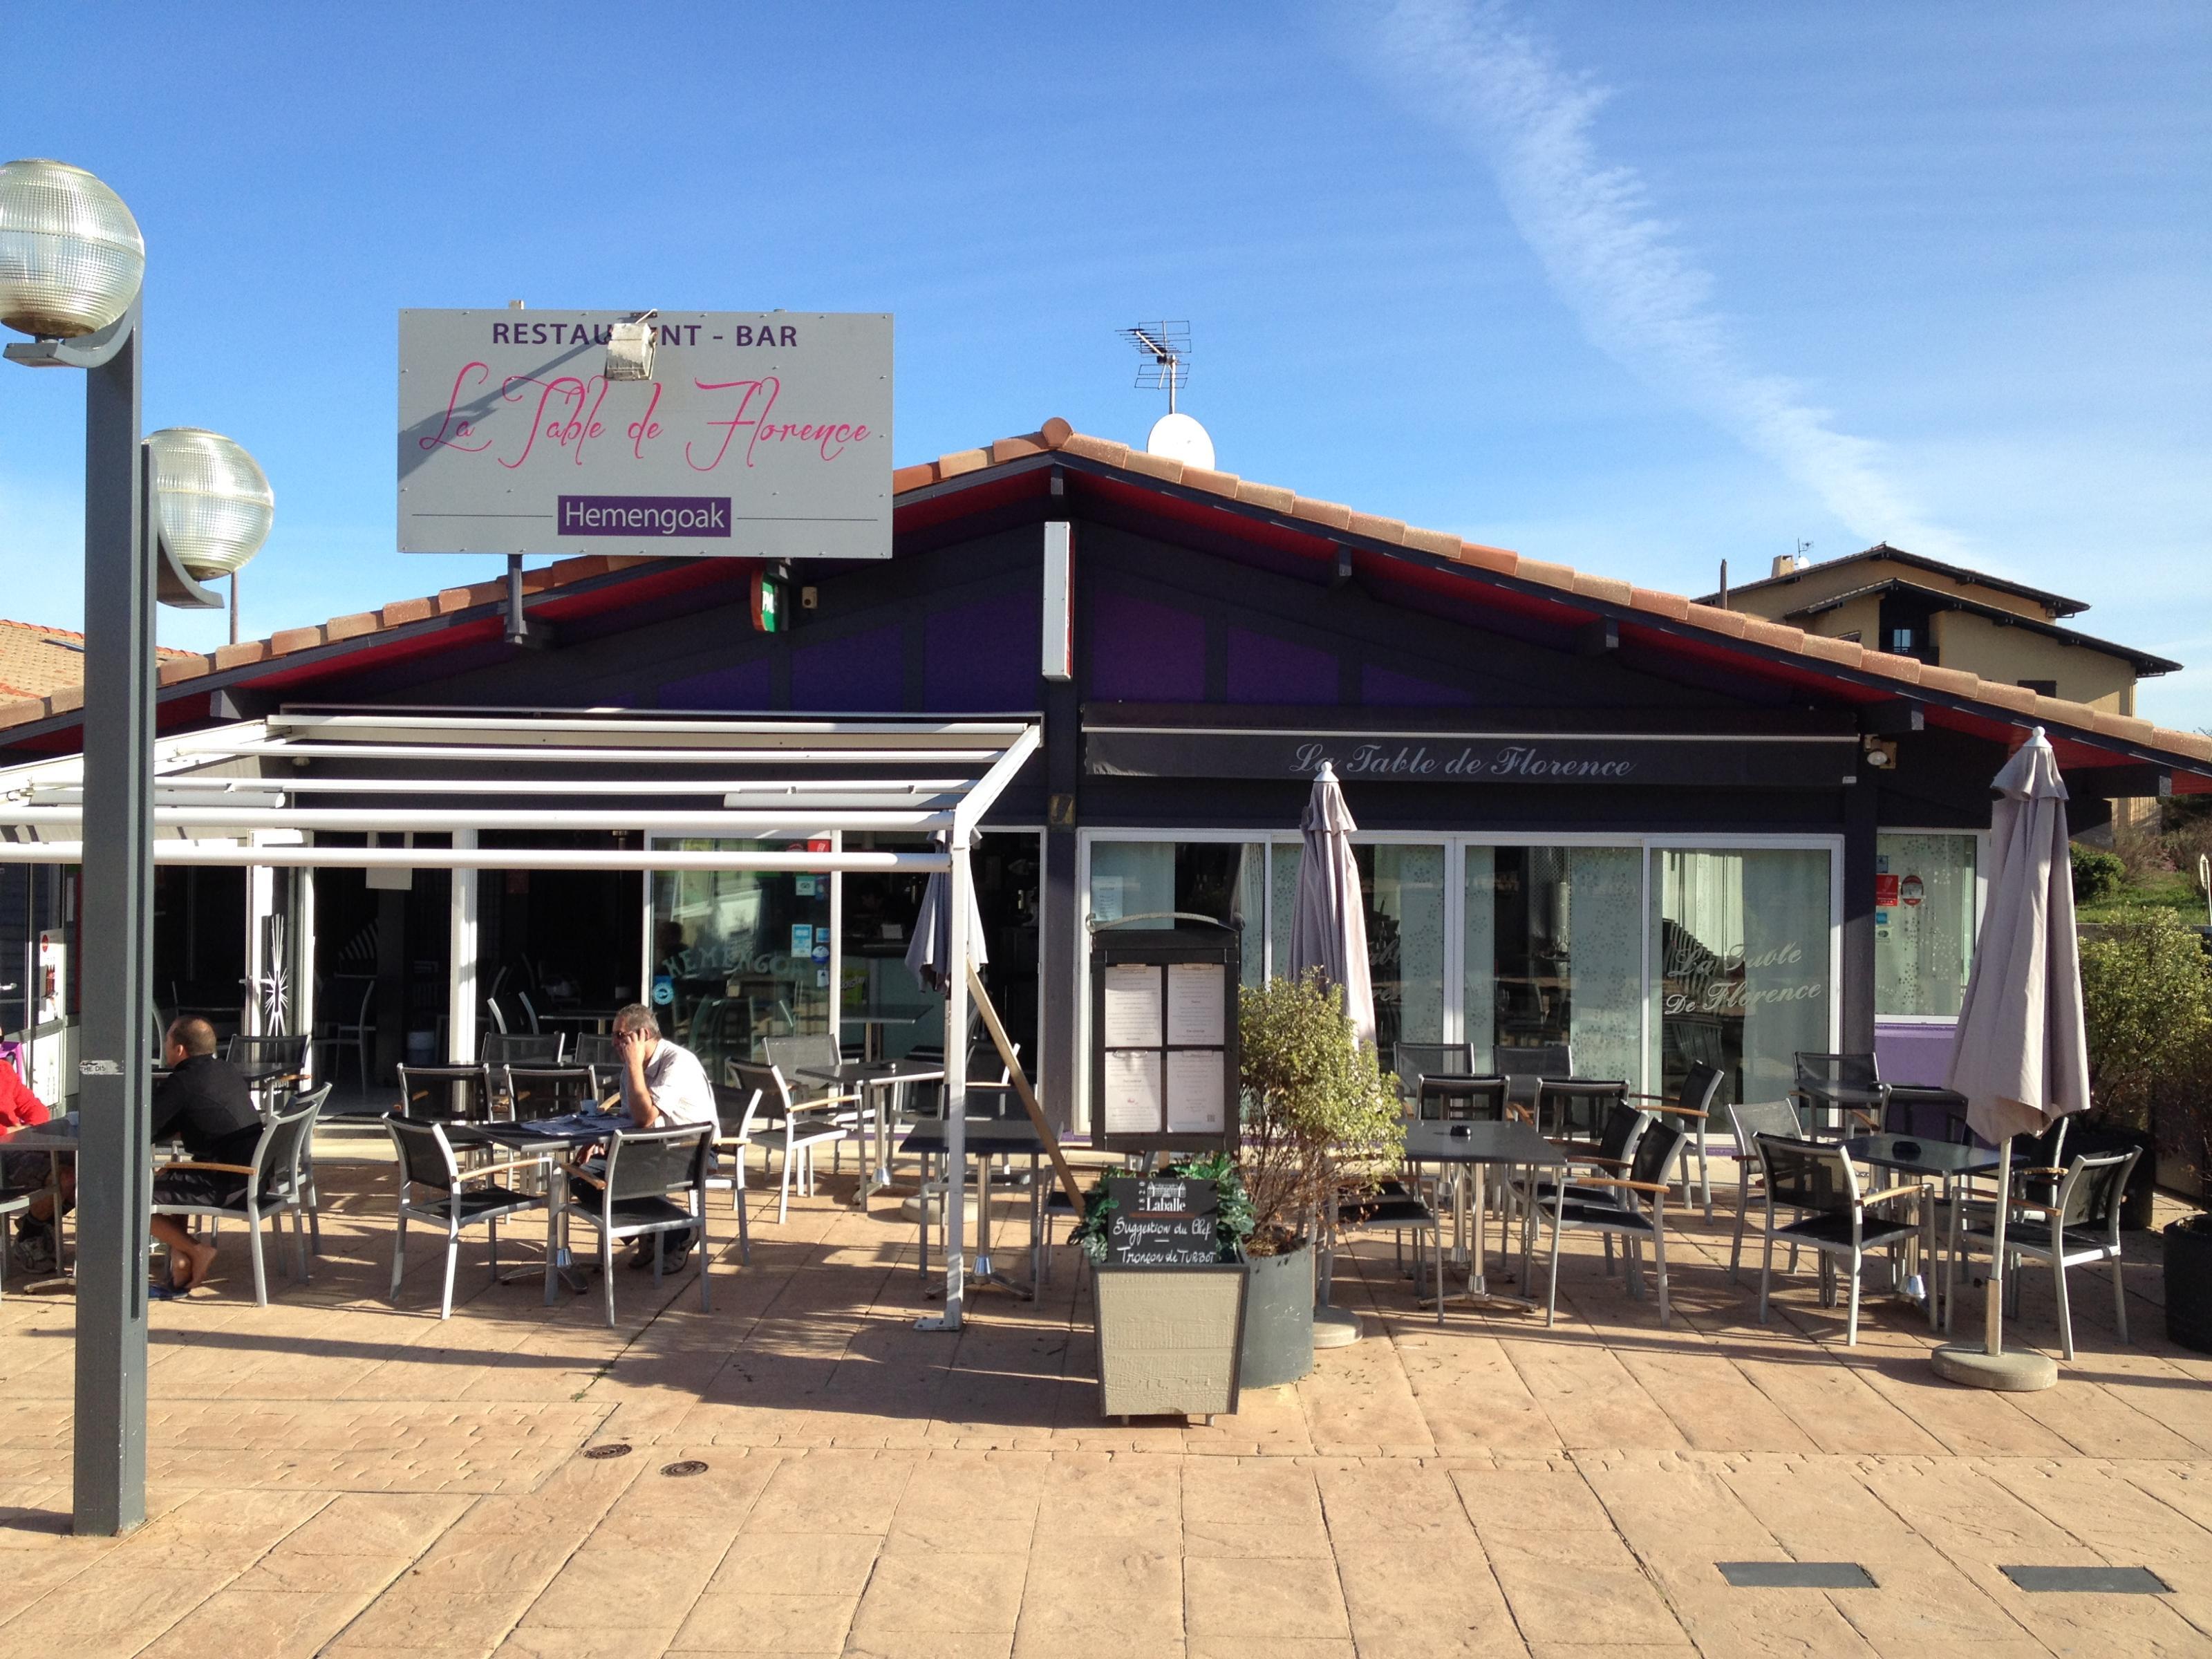 La table de florence seignosse avis restaurant - La table de florence seignosse ...